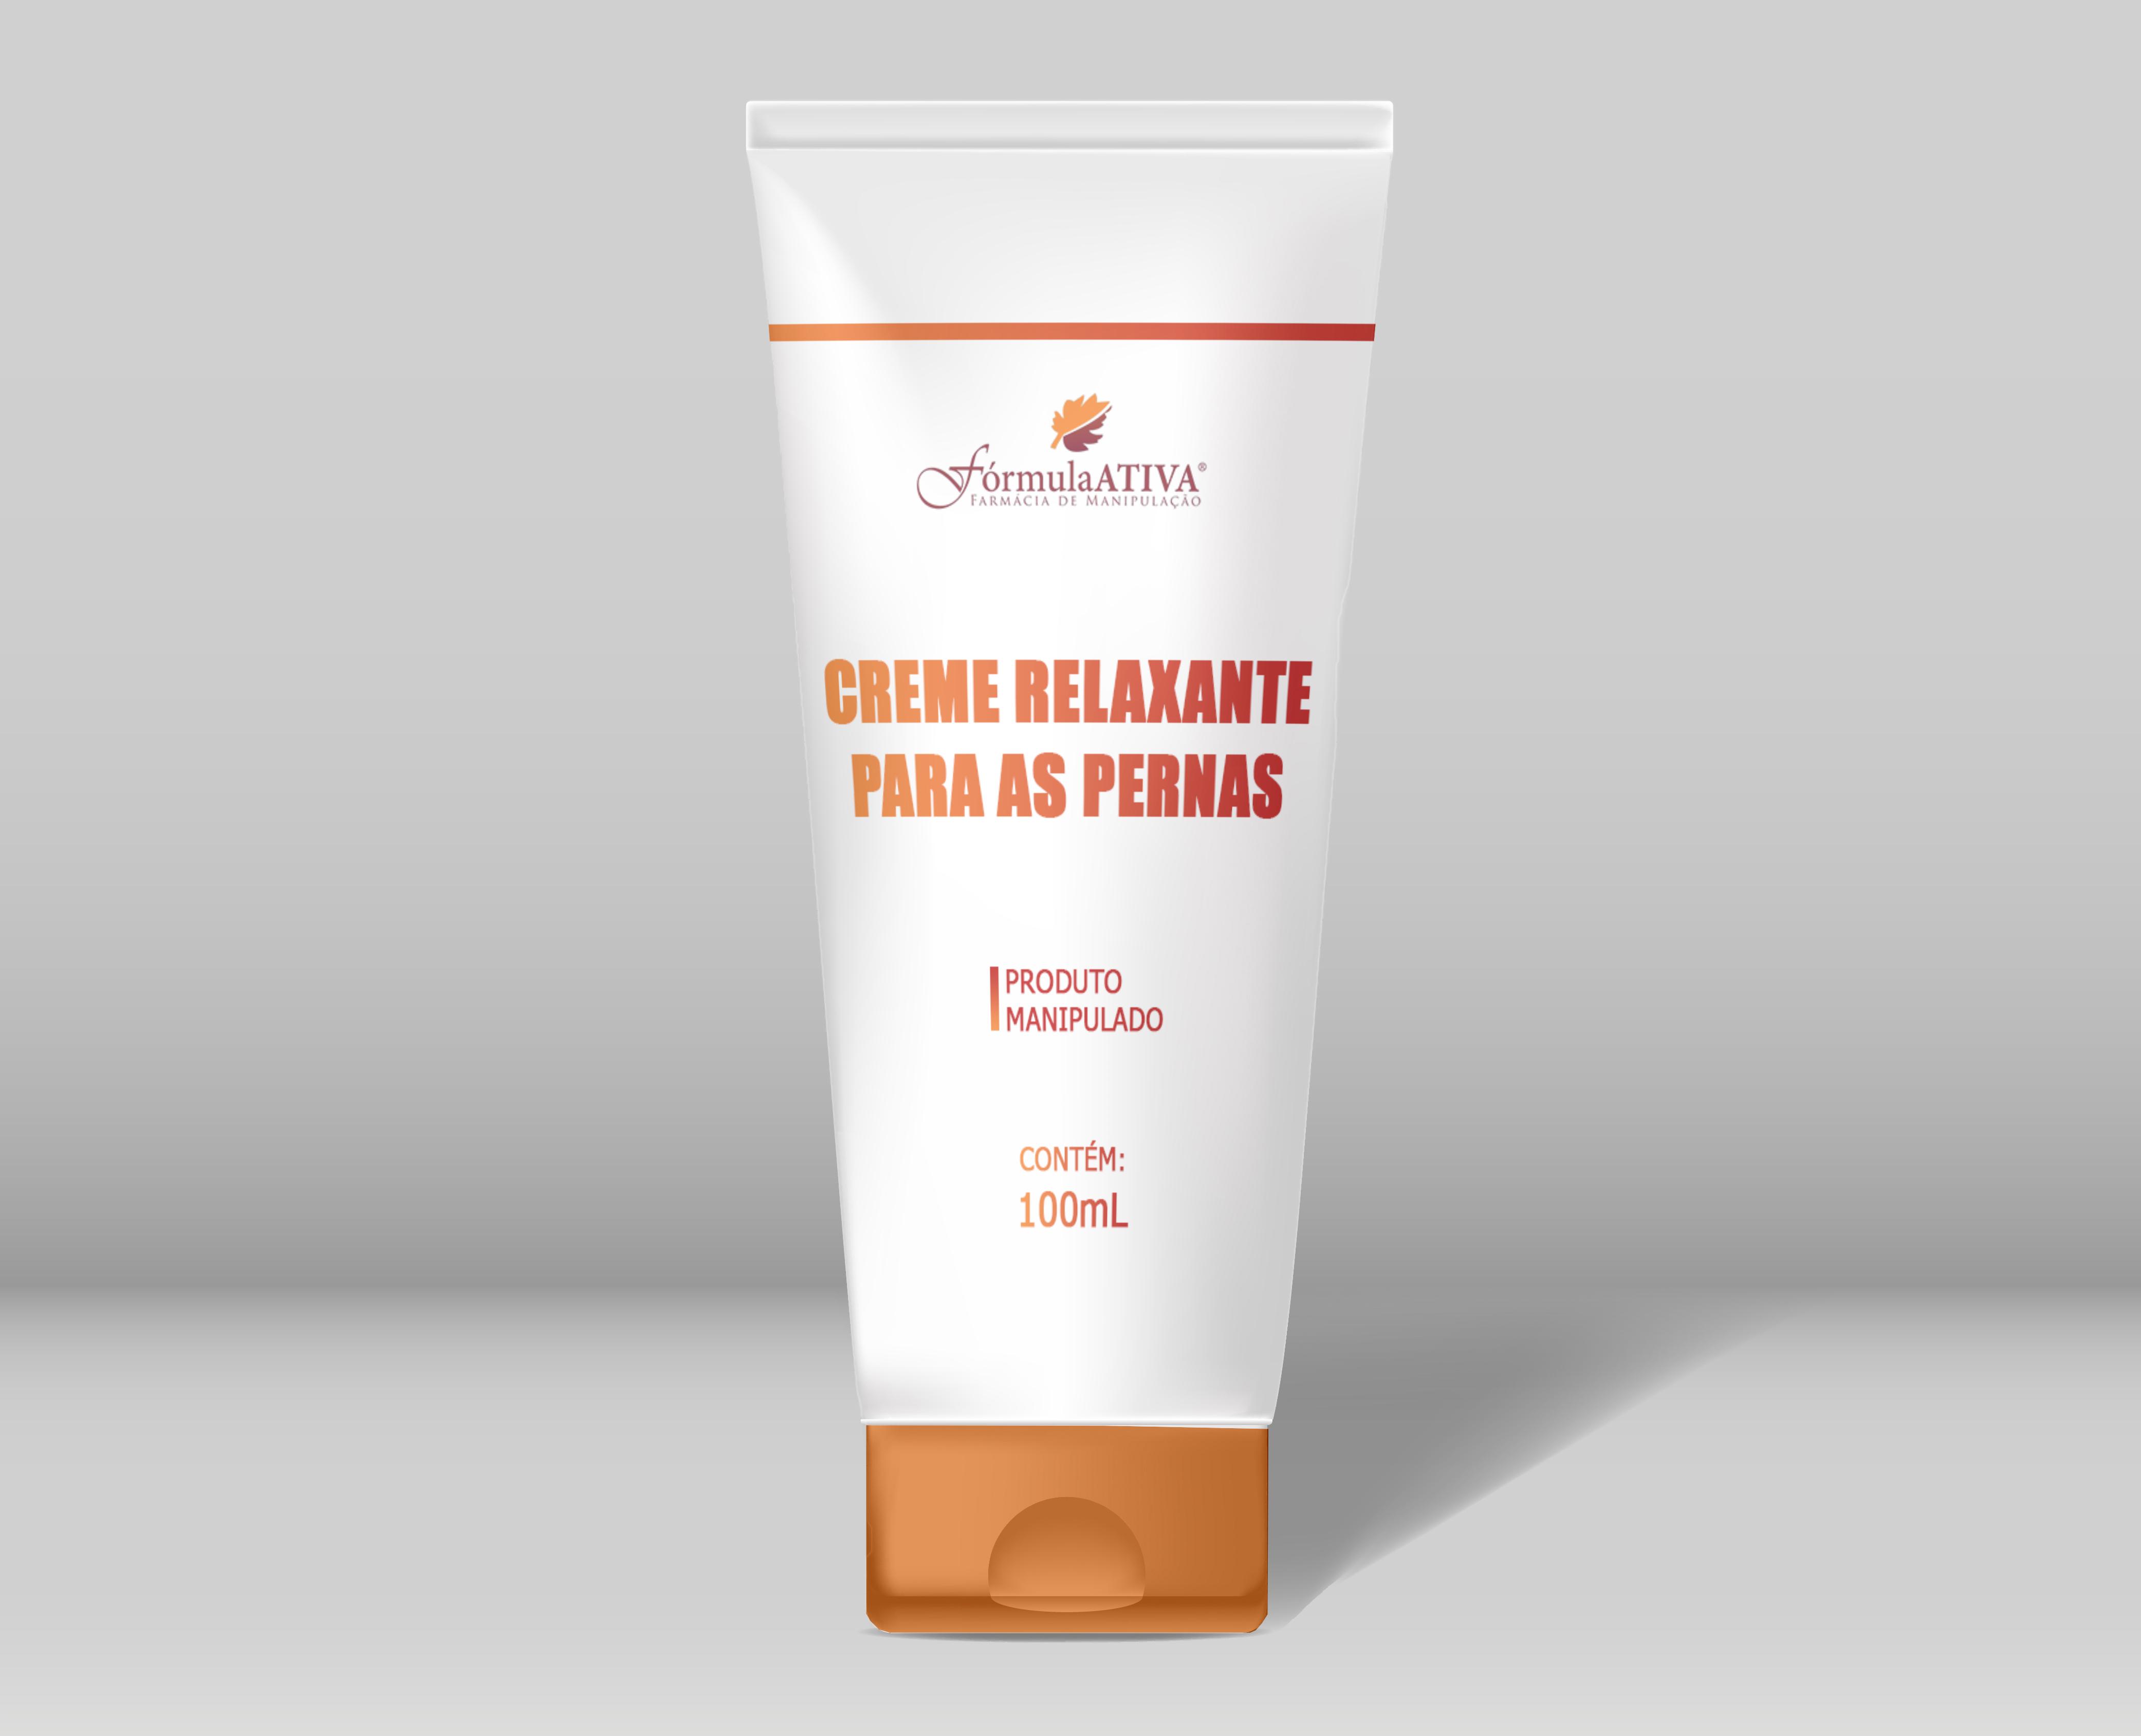 Creme Relaxante para as Pernas (100mL)